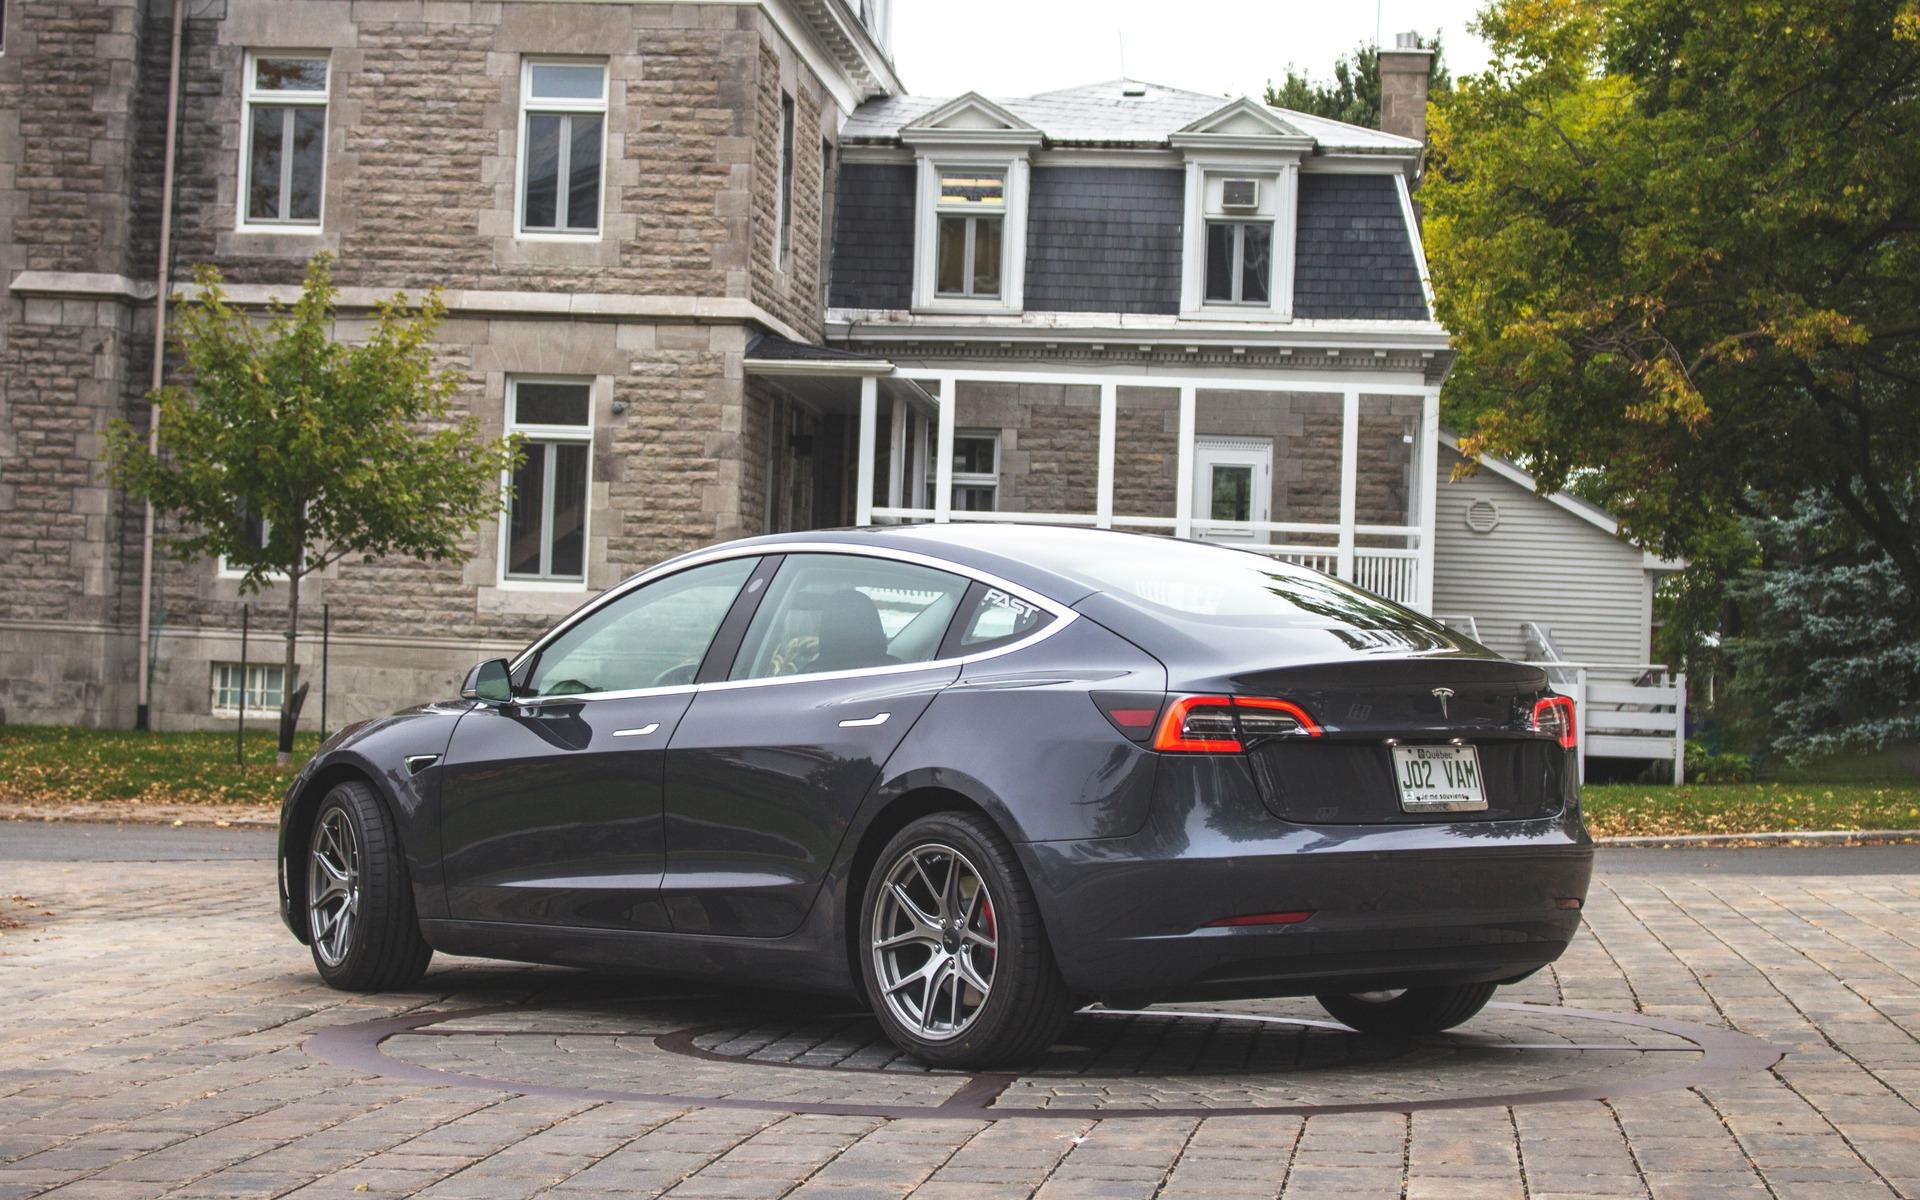 Tesla Model 3 Performance 2018 : doigt d'honneur vers une industrie entière 350879_2018_Tesla_Model_3